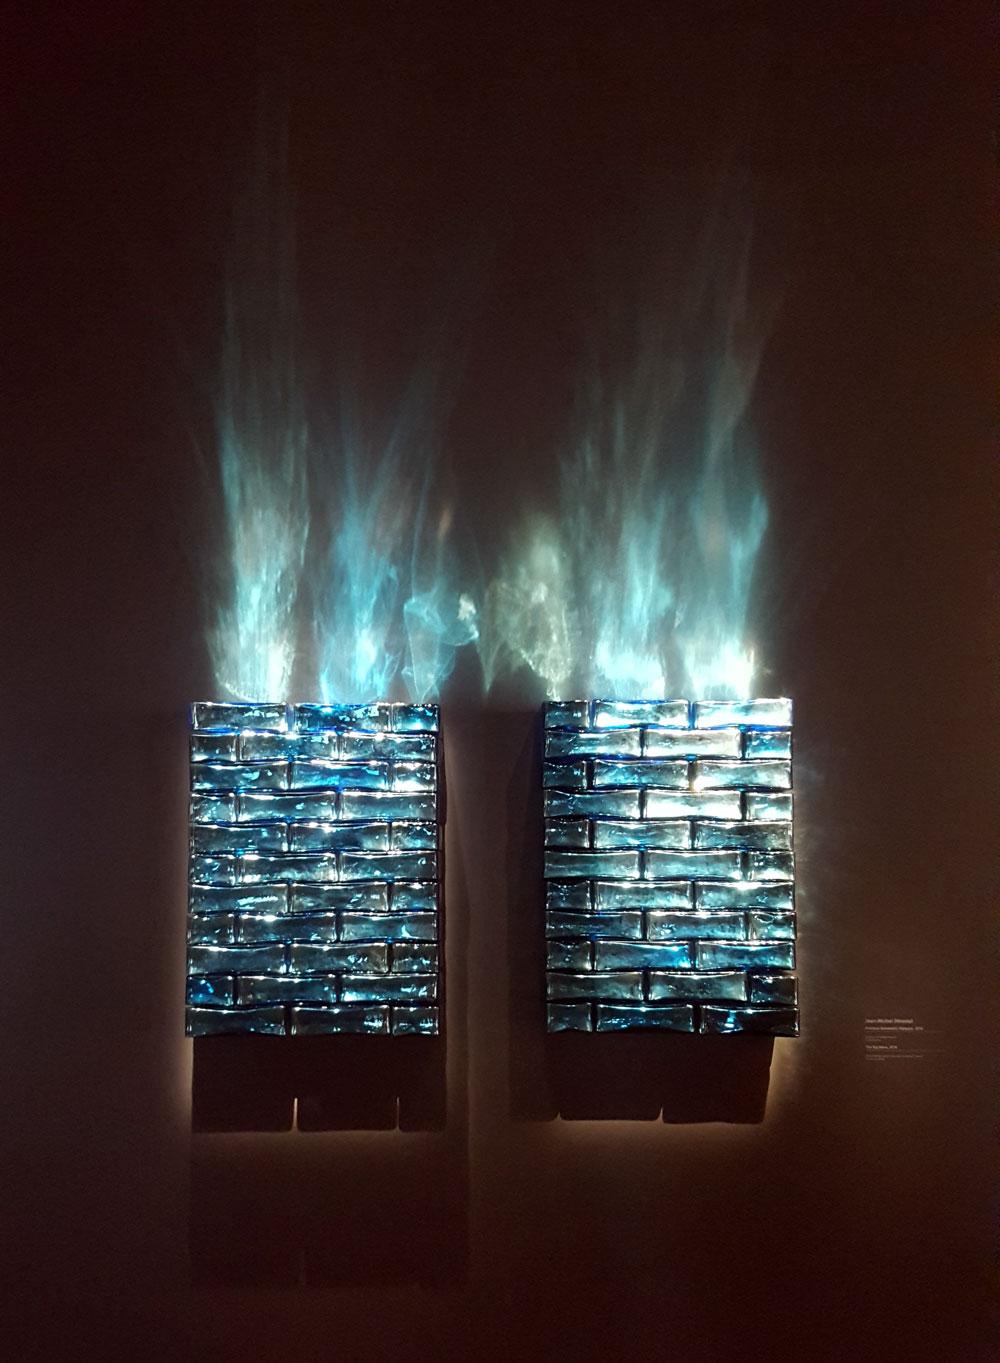 Centre Pompidu - Kunstwerk von Jean-Michel Othoniel